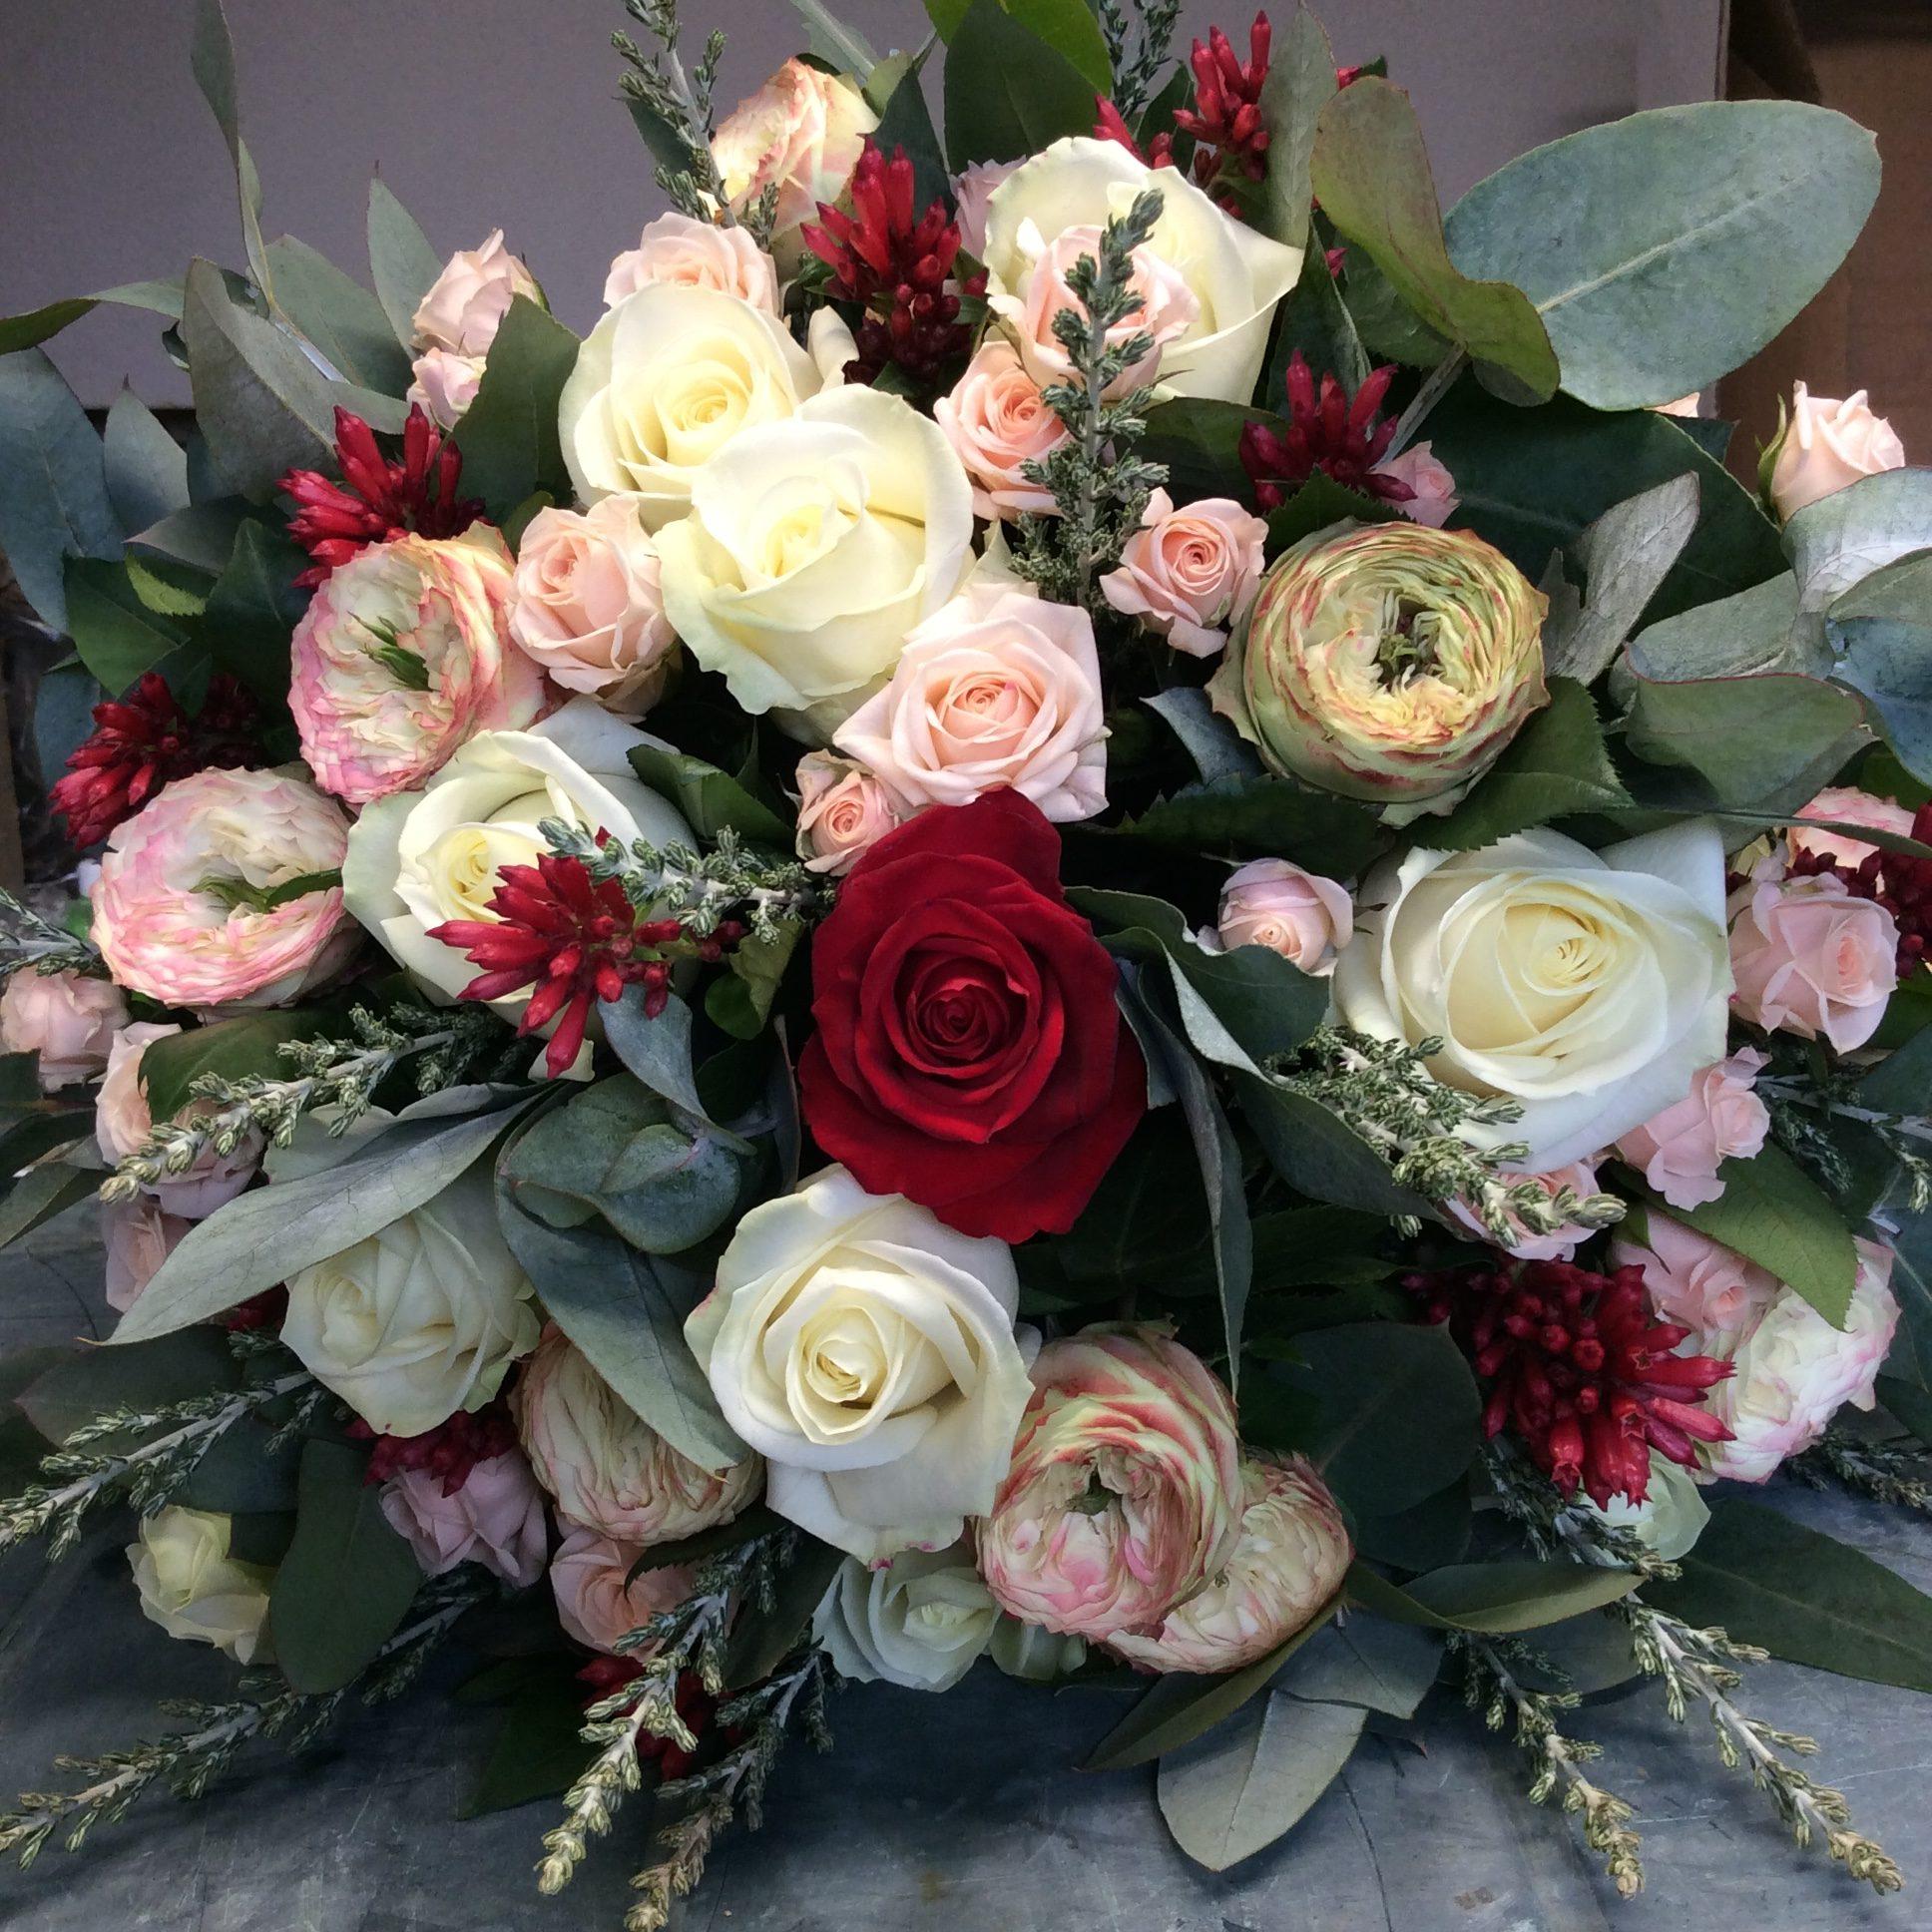 bouquet de roses rouge rose de jardin rose eucalyptus fleuriste woippy effleurs